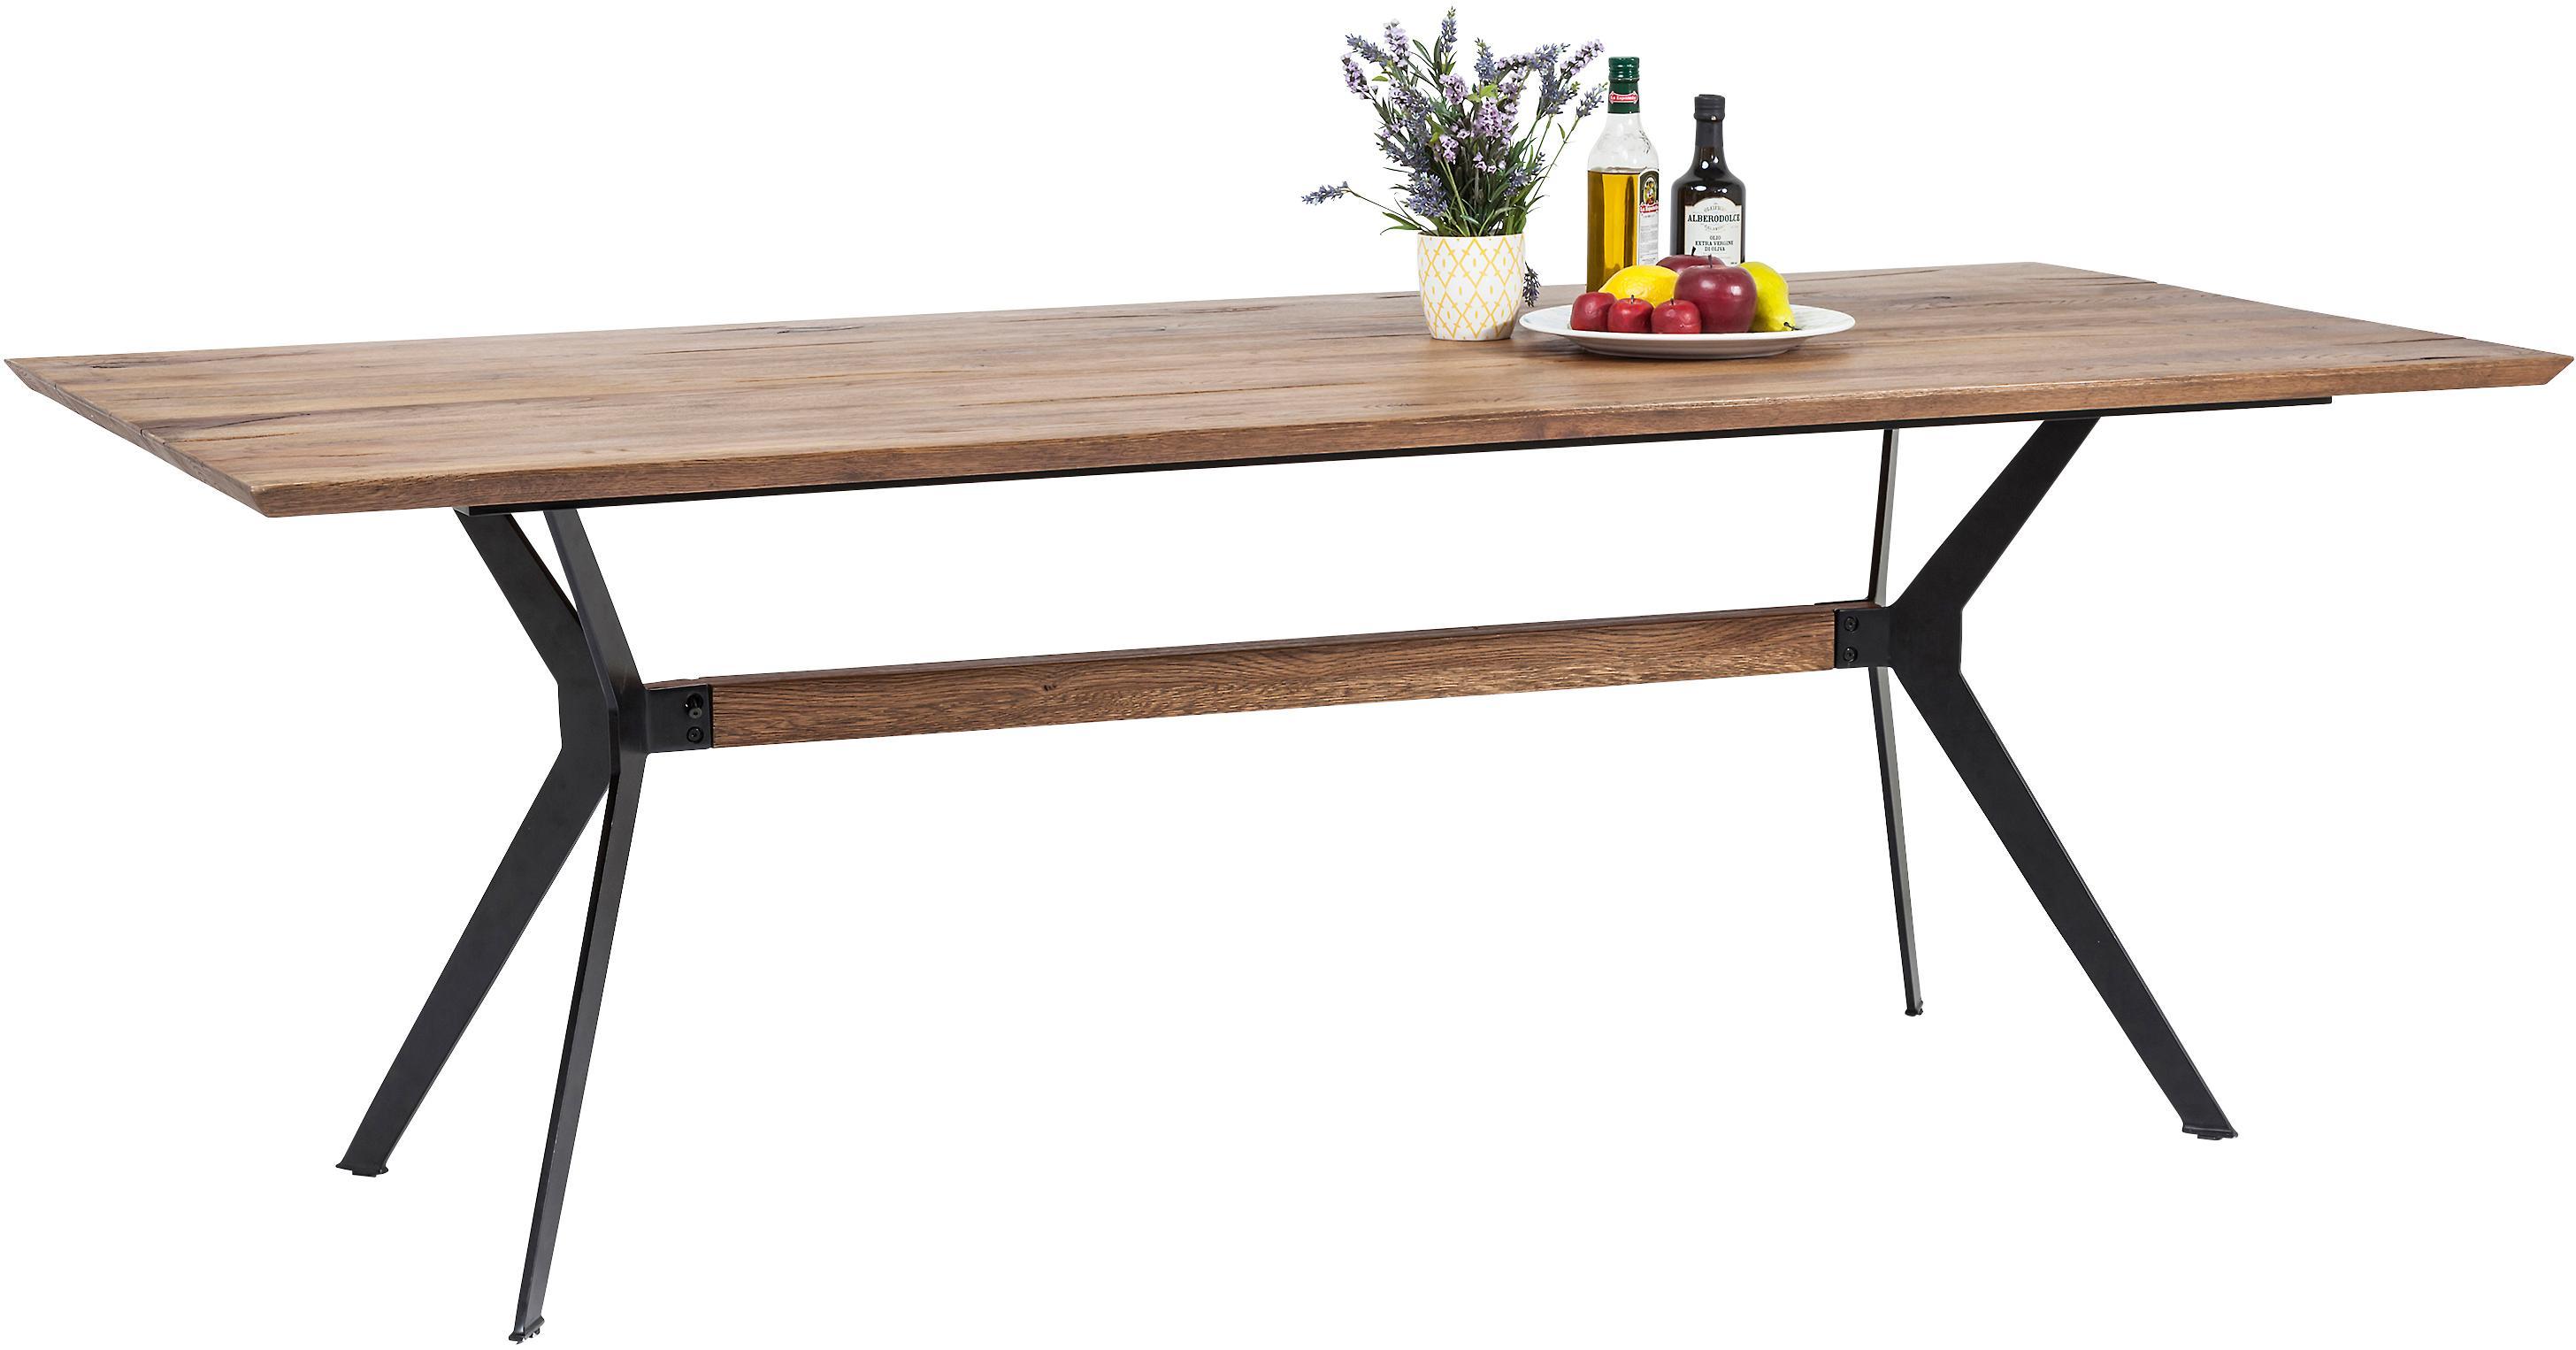 Eettafel Downtown met massief houten blad, Poten: gepoedercoat metaal, Tafelblad: eikenhout, geolied, Poten: zwart. Tafelblad: eikenhout, B 220 x D 100 cm